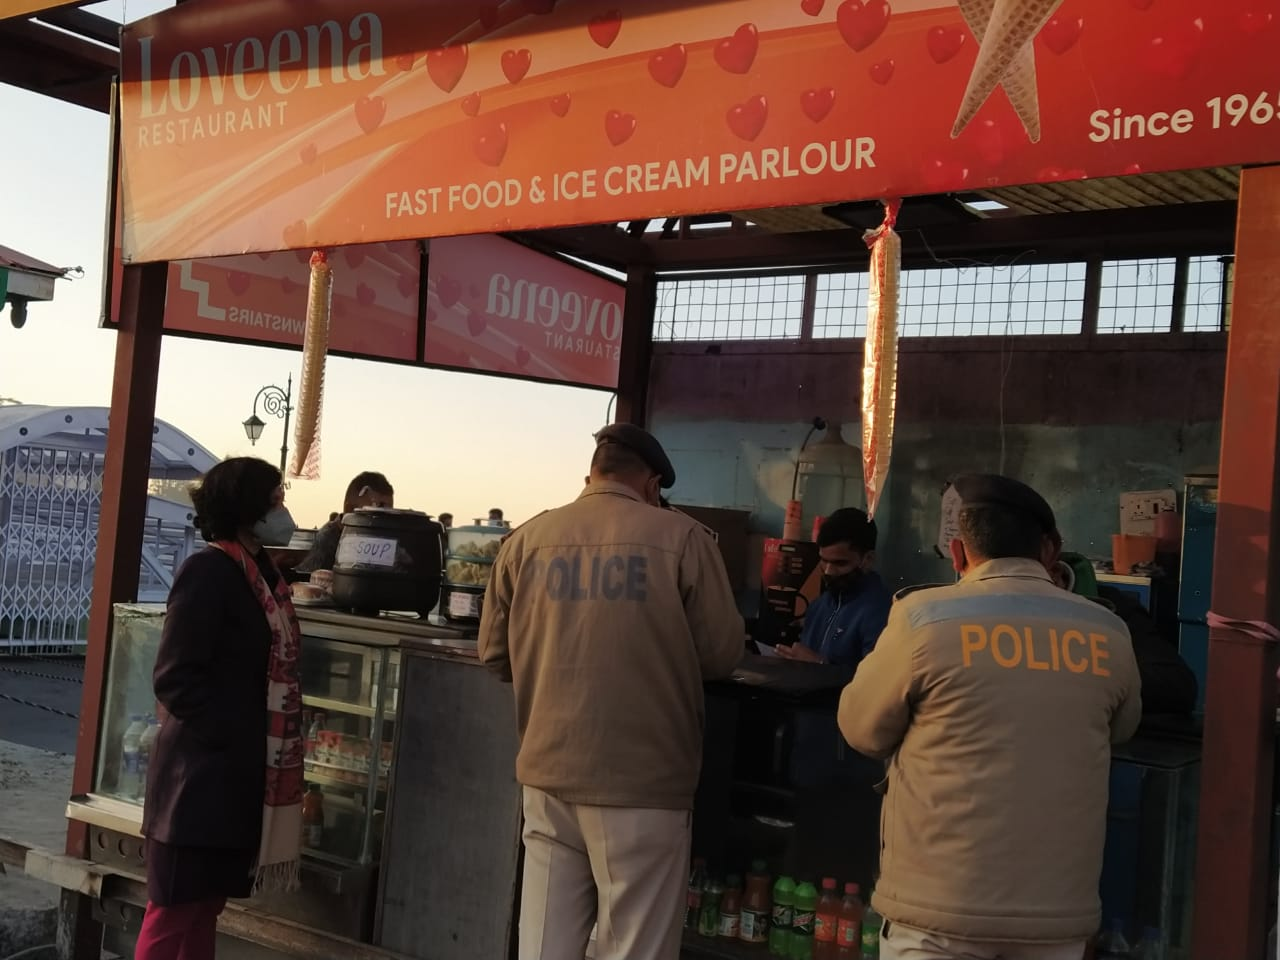 शिमला में रिज पर लोविना सहित 3 रेस्टोरेंट के काटे चालान, , रेस्टोरेंट ढाबा  के बाहर किसी को खाने पीने का सामान देने की इजाजत नहीं-ADM